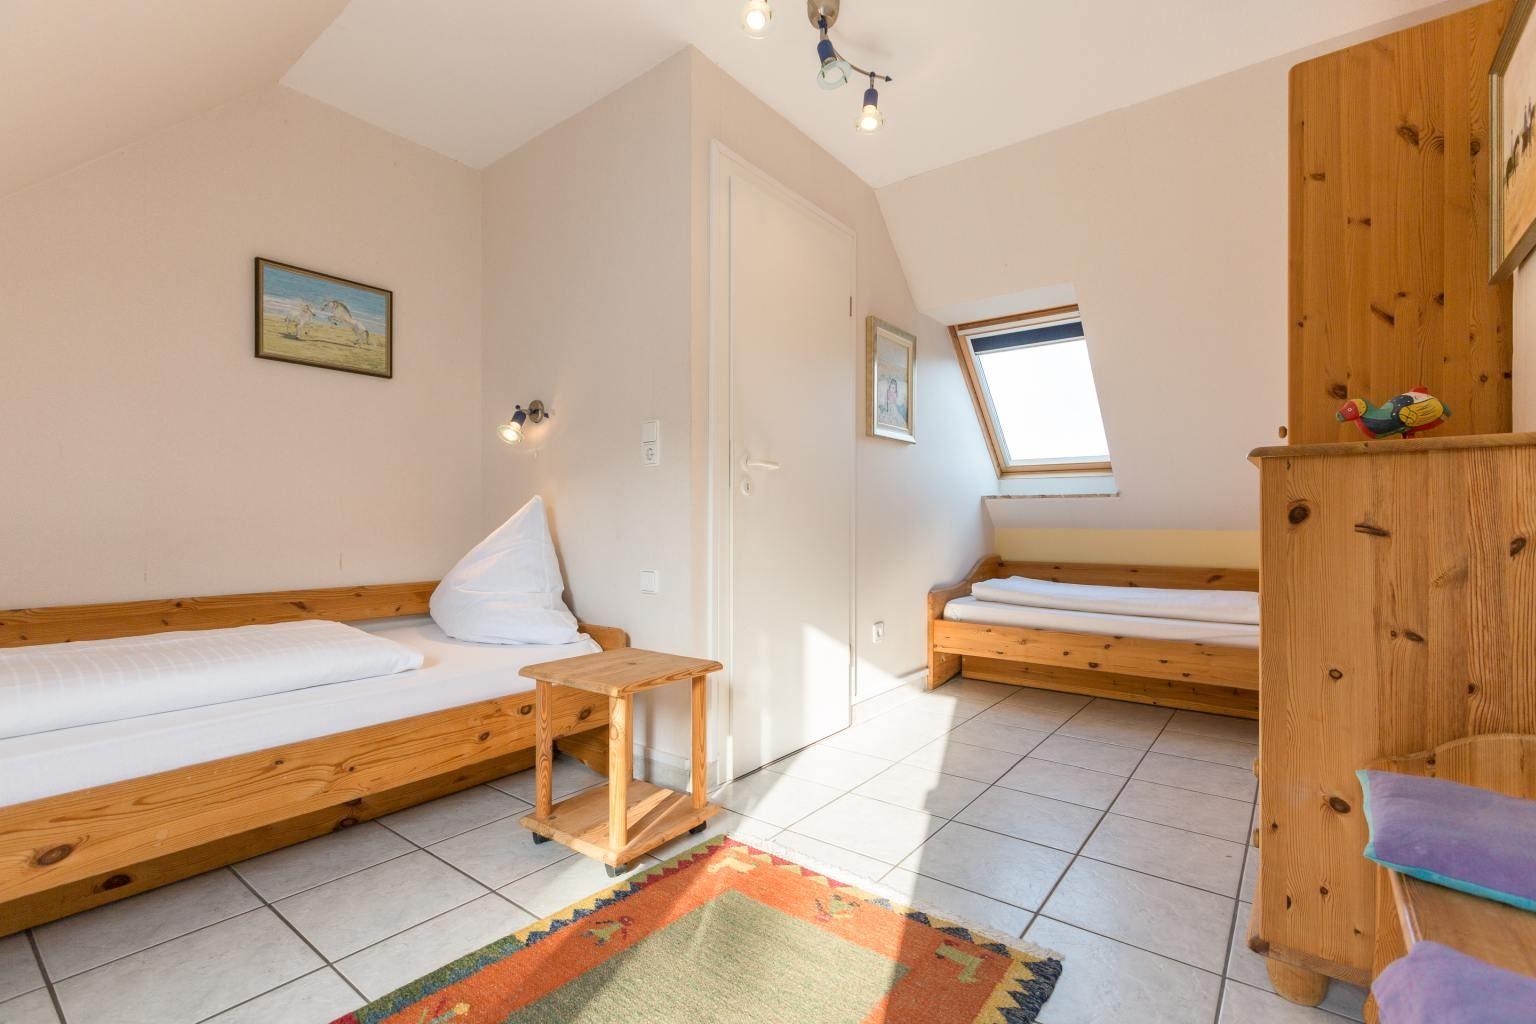 2. Schlafzimmer - St Peter Ording Bad, Haus Am Kurwald II, Wohnung 7